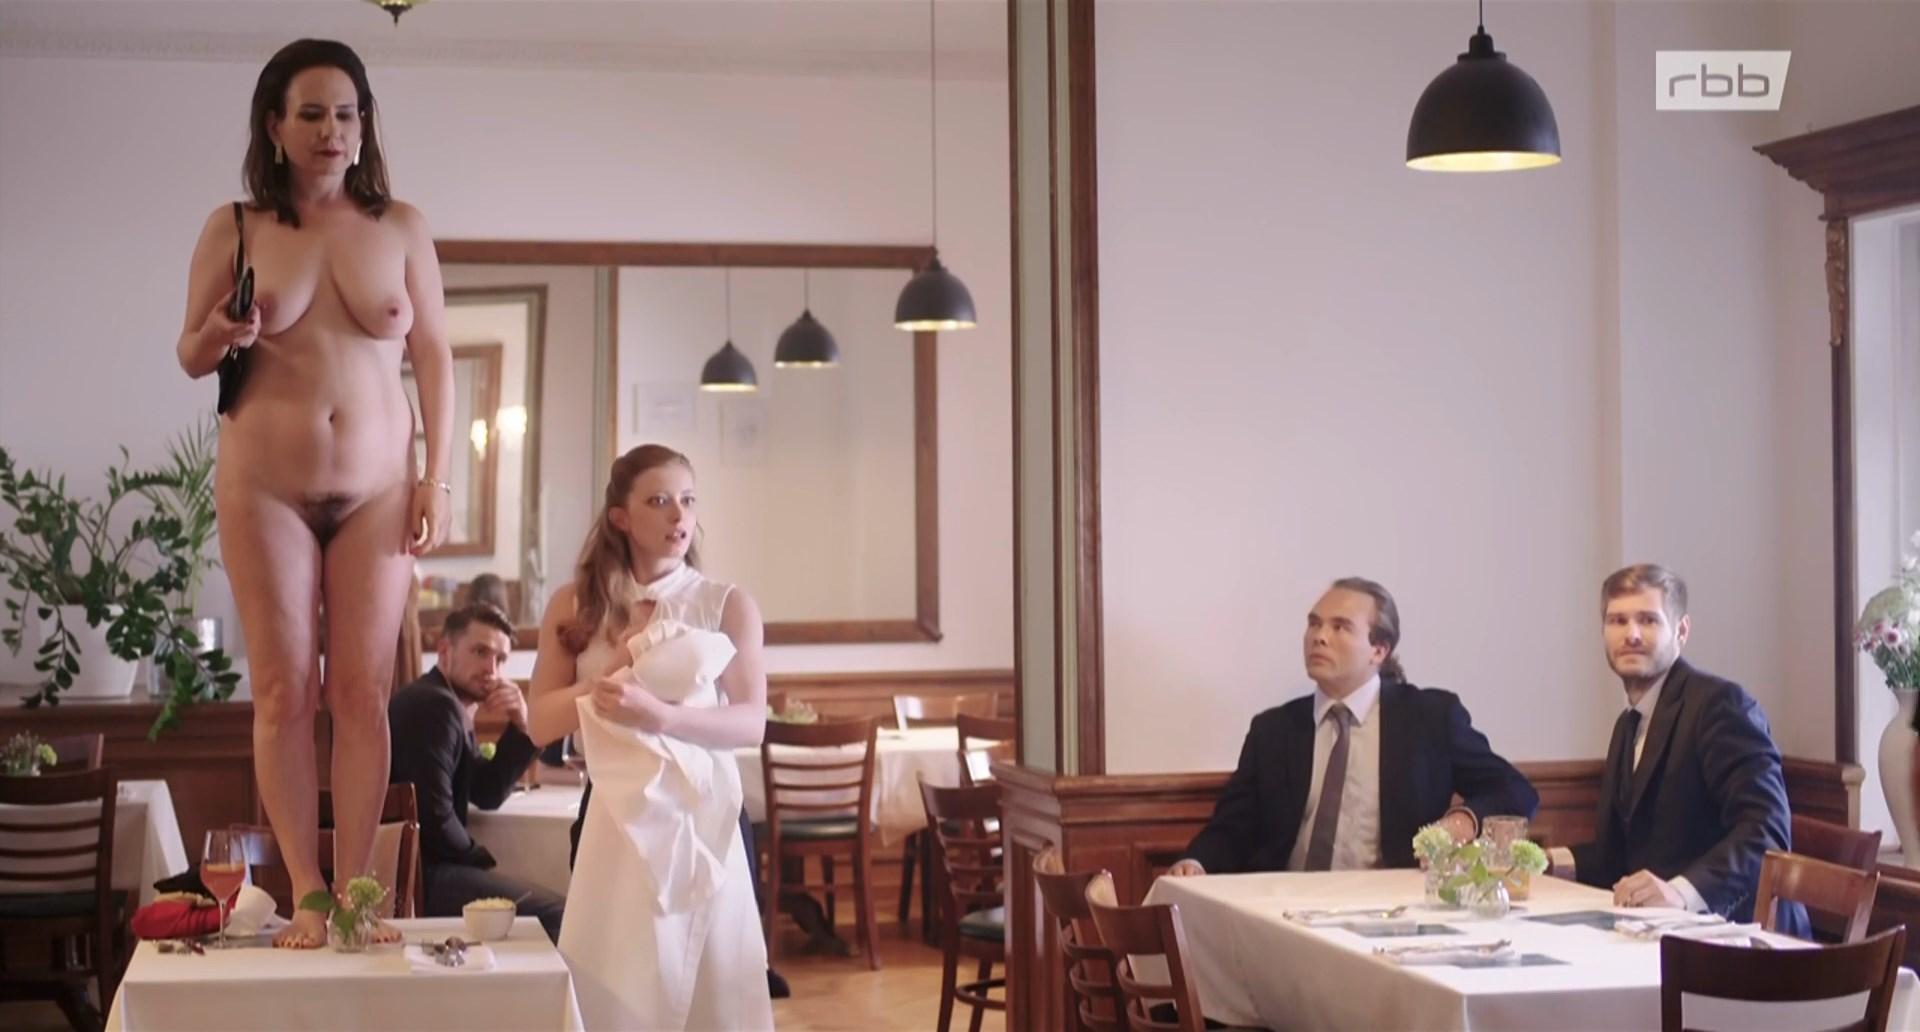 Anna Grisebach nude - Die unsichtbare Frau (2019)